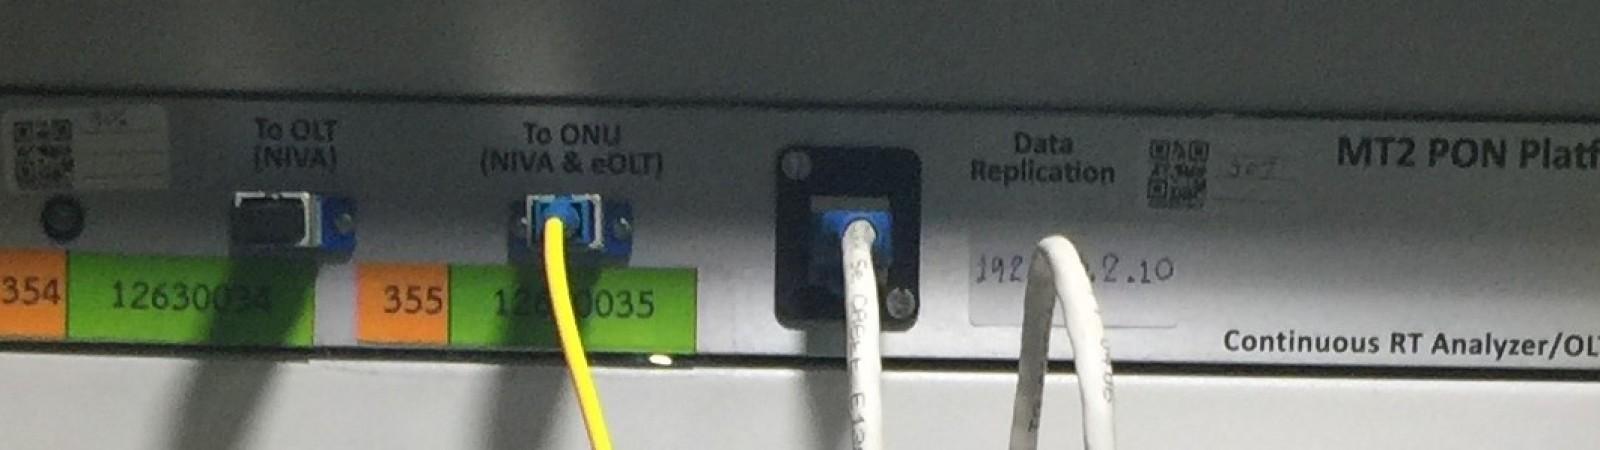 บริการทดสอบความเข้ากันได้ของอุปกรณ์ OLT กับ ONU/ONT : OLT and ONU/ONT Interoperability Testing Service : TR-247, TR-255